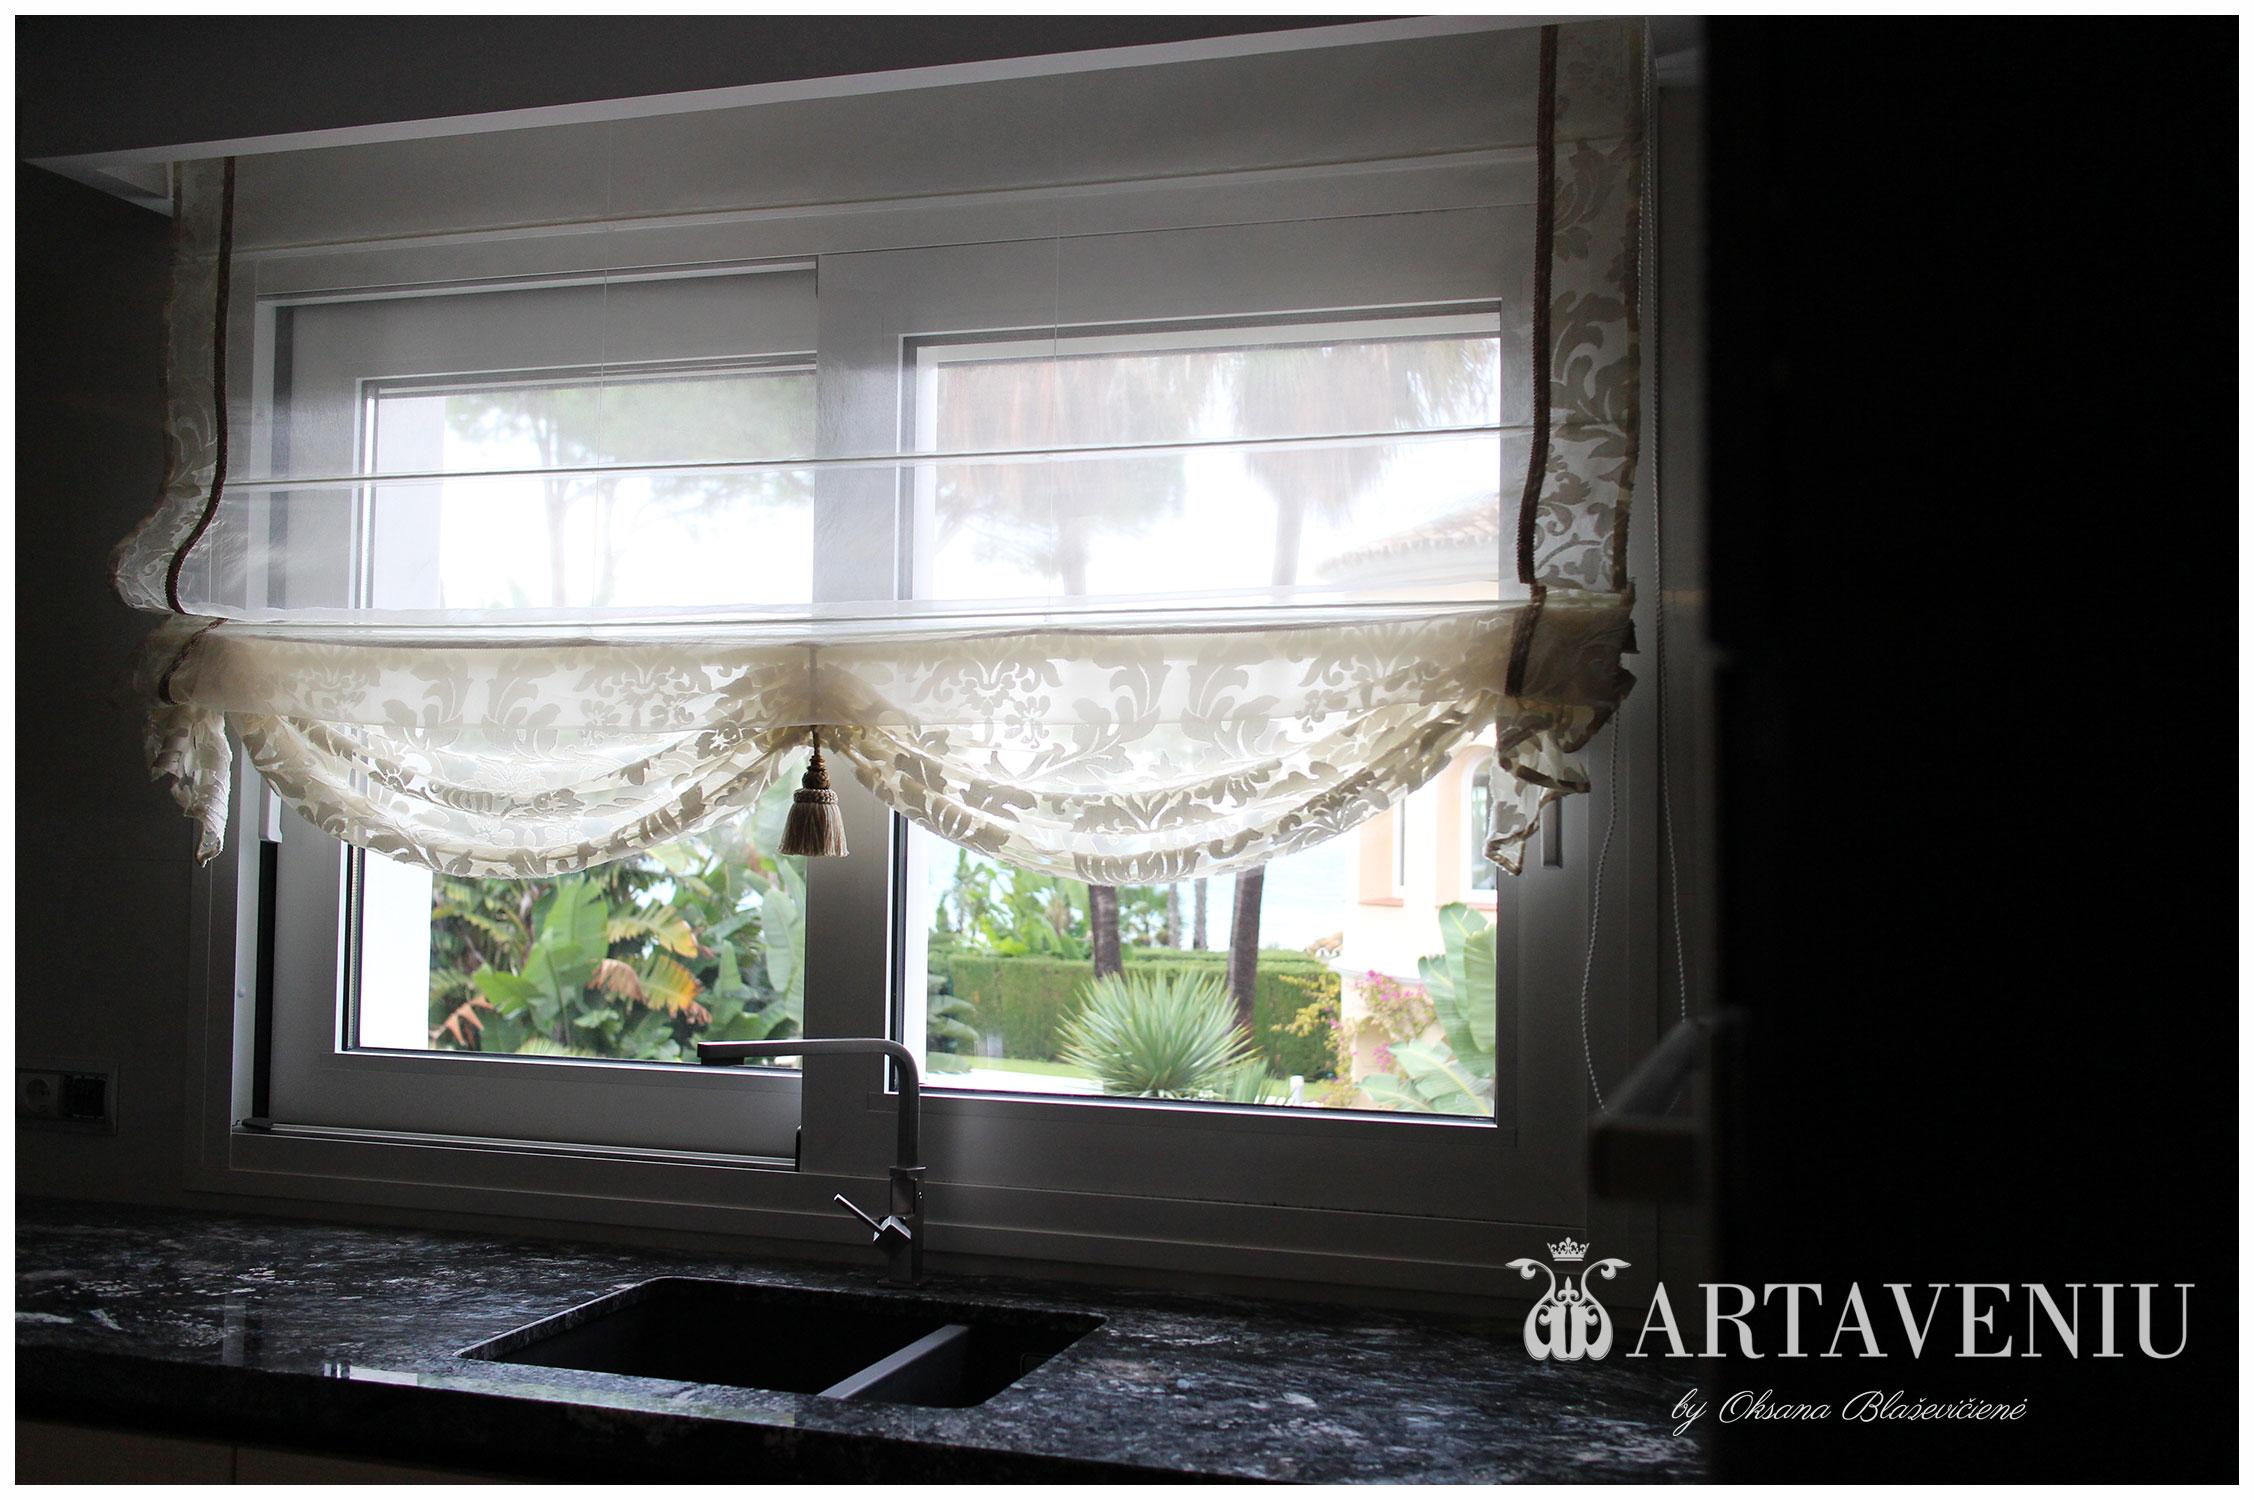 namu-tekstile-artaveniu-uzuolaisdos-uztiesalai-uzsakymai4